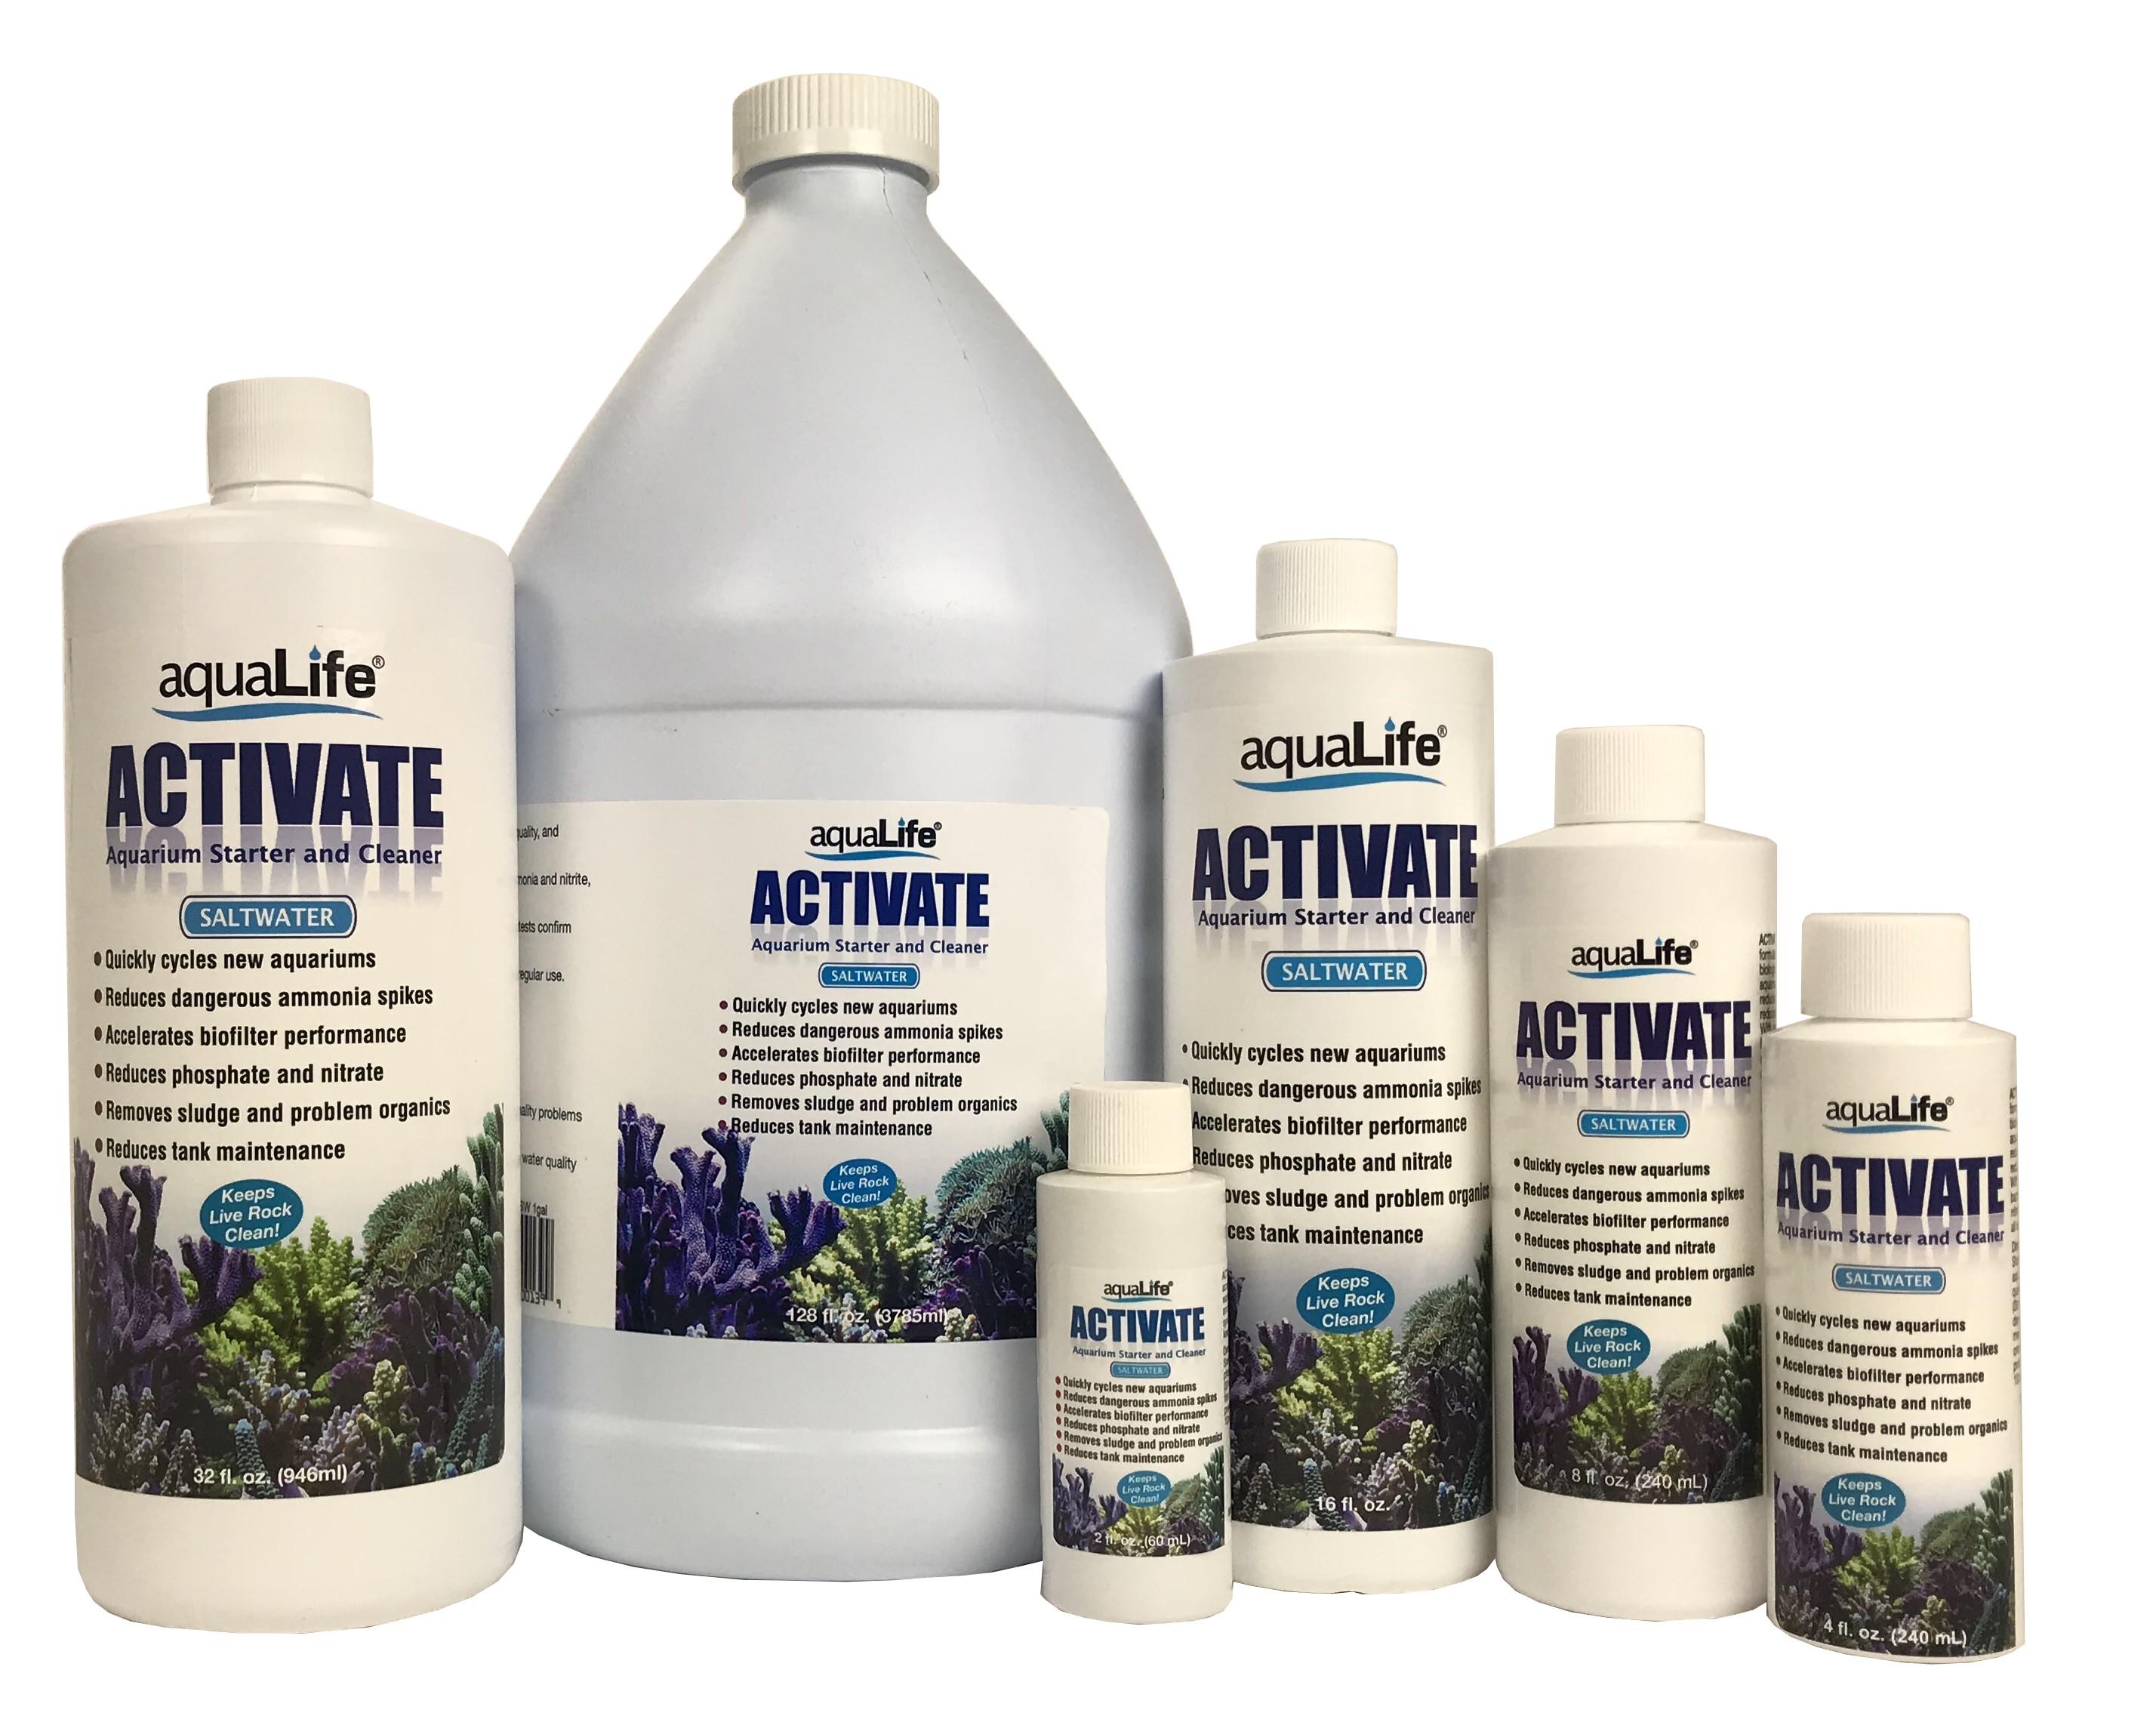 Activate Saltwater 8 oz Aquarium Starter and Cleaner